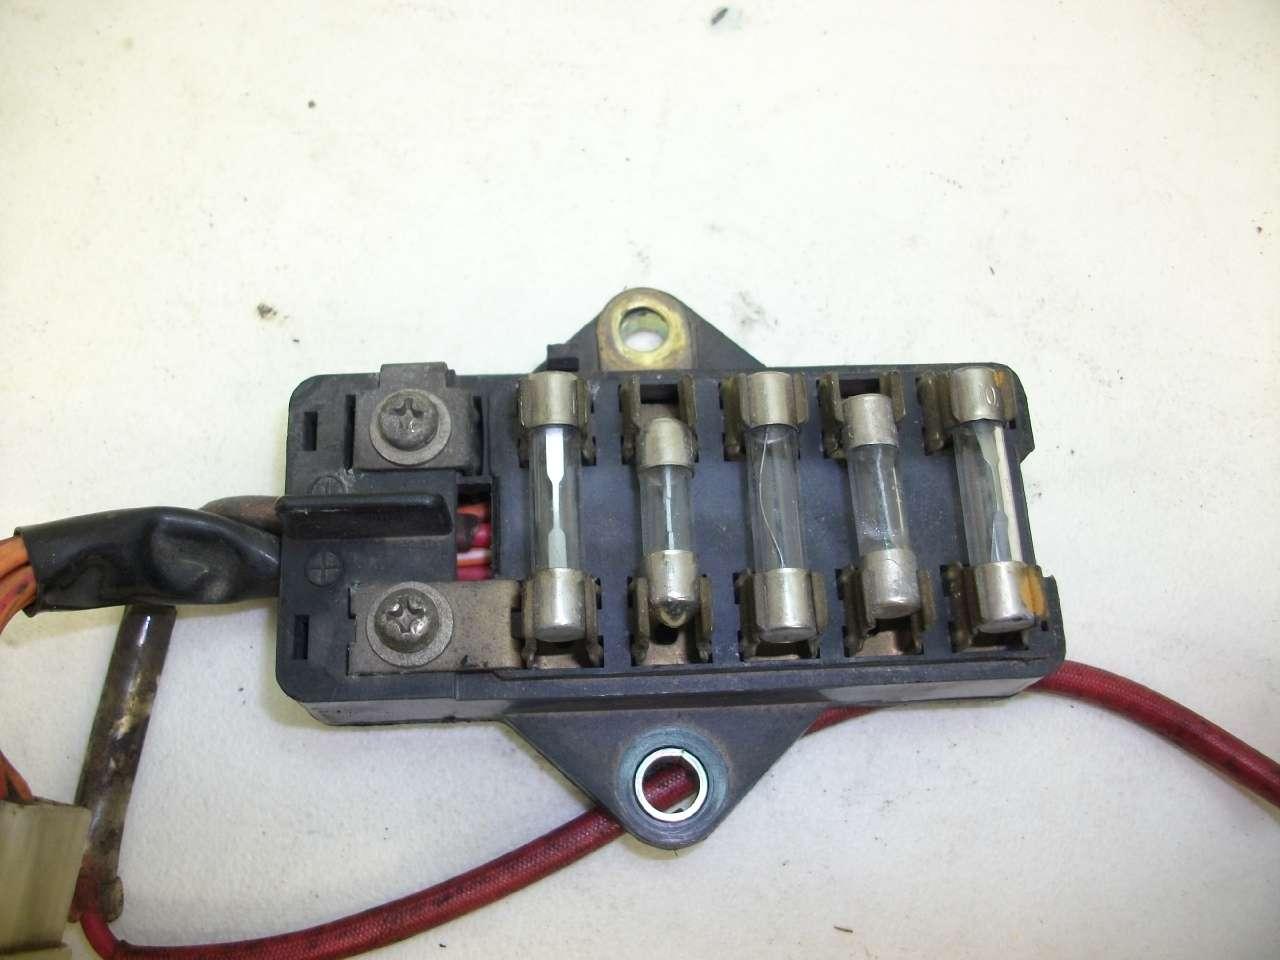 1981 suzuki gs550 wiring diagram 3 way dimmer switch uk gs650g